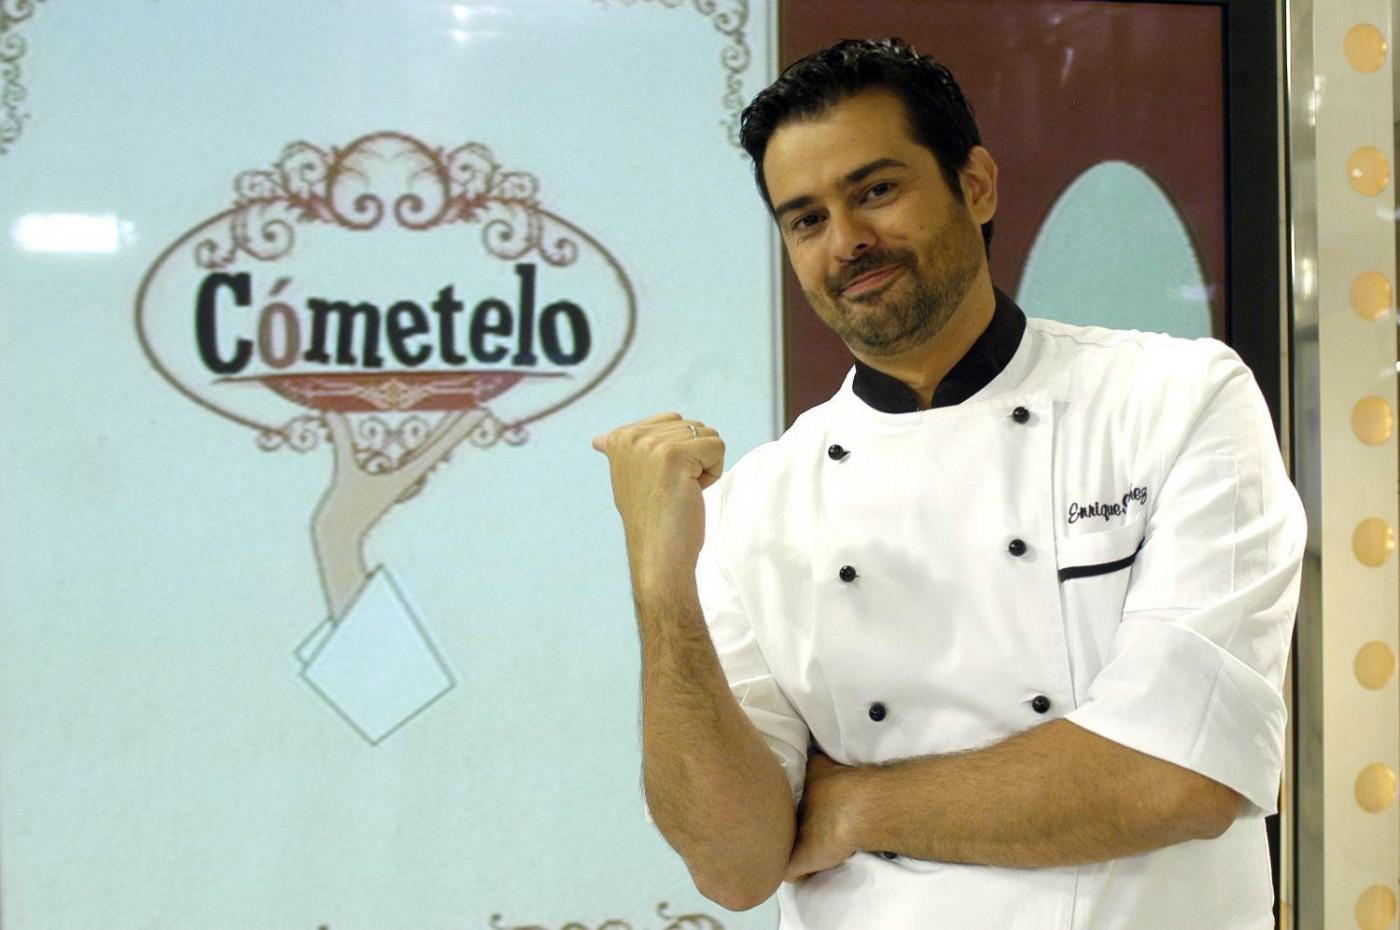 Chef Enrique Sánchez Premios Latino